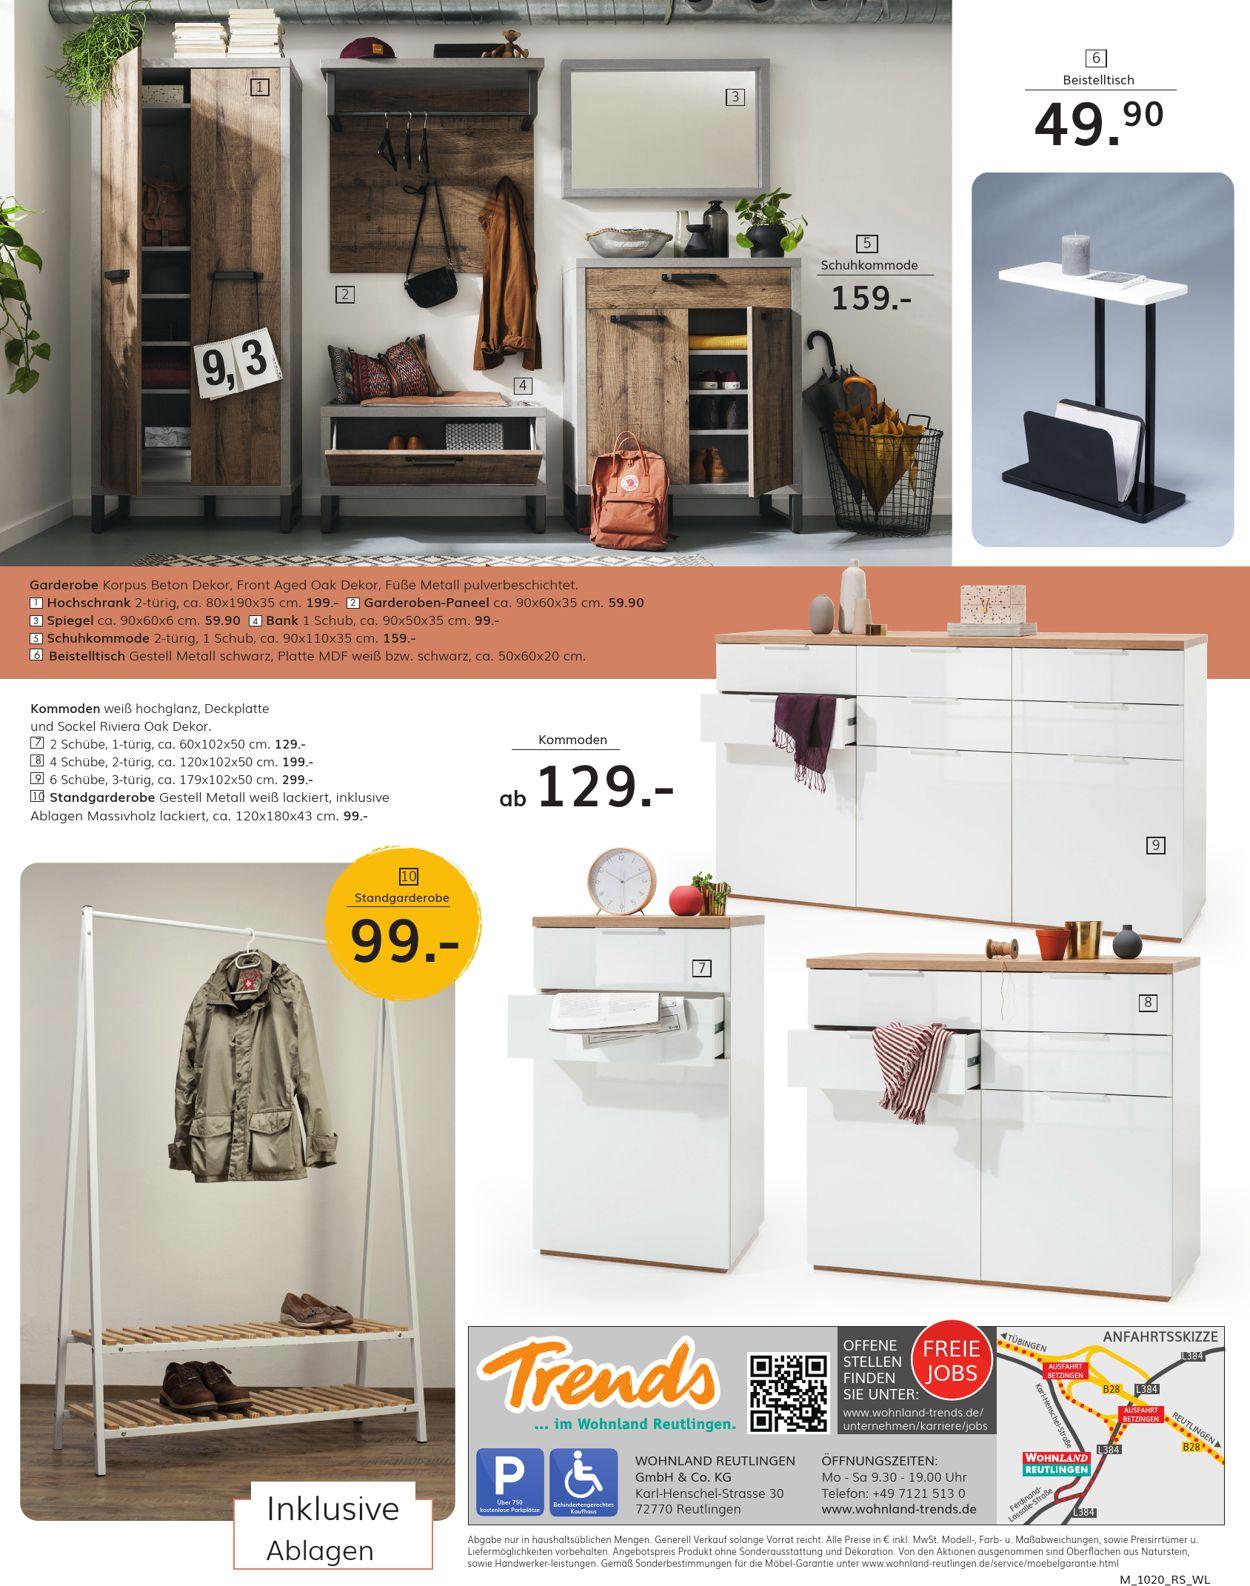 Wohnland Reutlingen Prospekt - Aktuell vom 05.10-12.10.2020 (Seite 8)